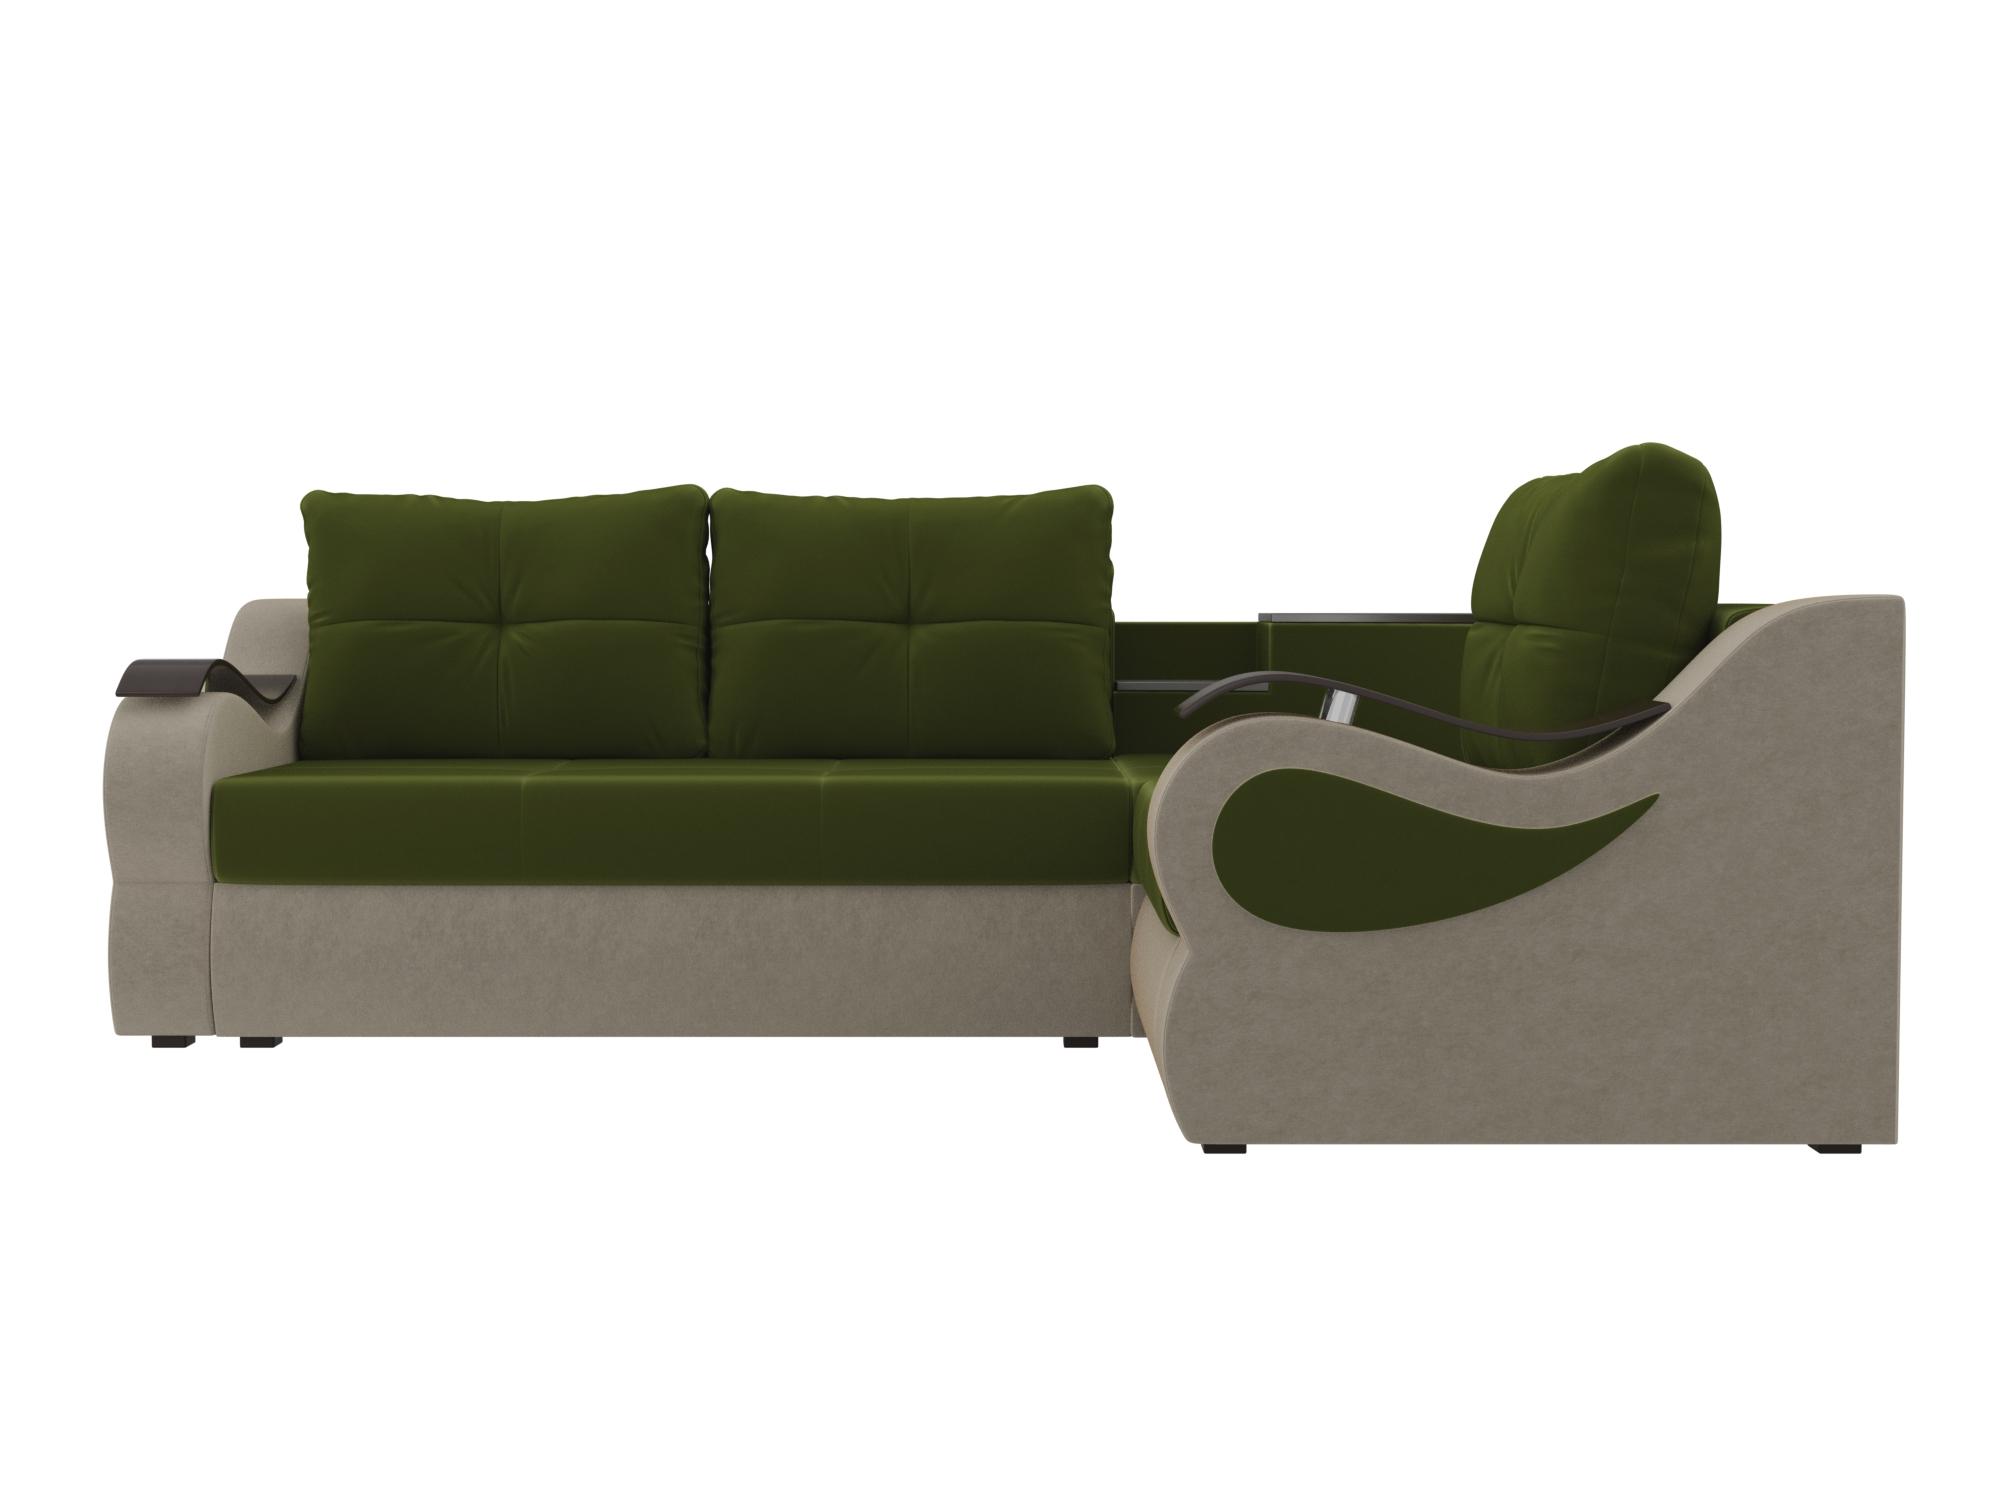 Угловой диван Митчелл Правый MebelVia Зеленый, Бежевый, Микровельвет Бежевый, Зеленый